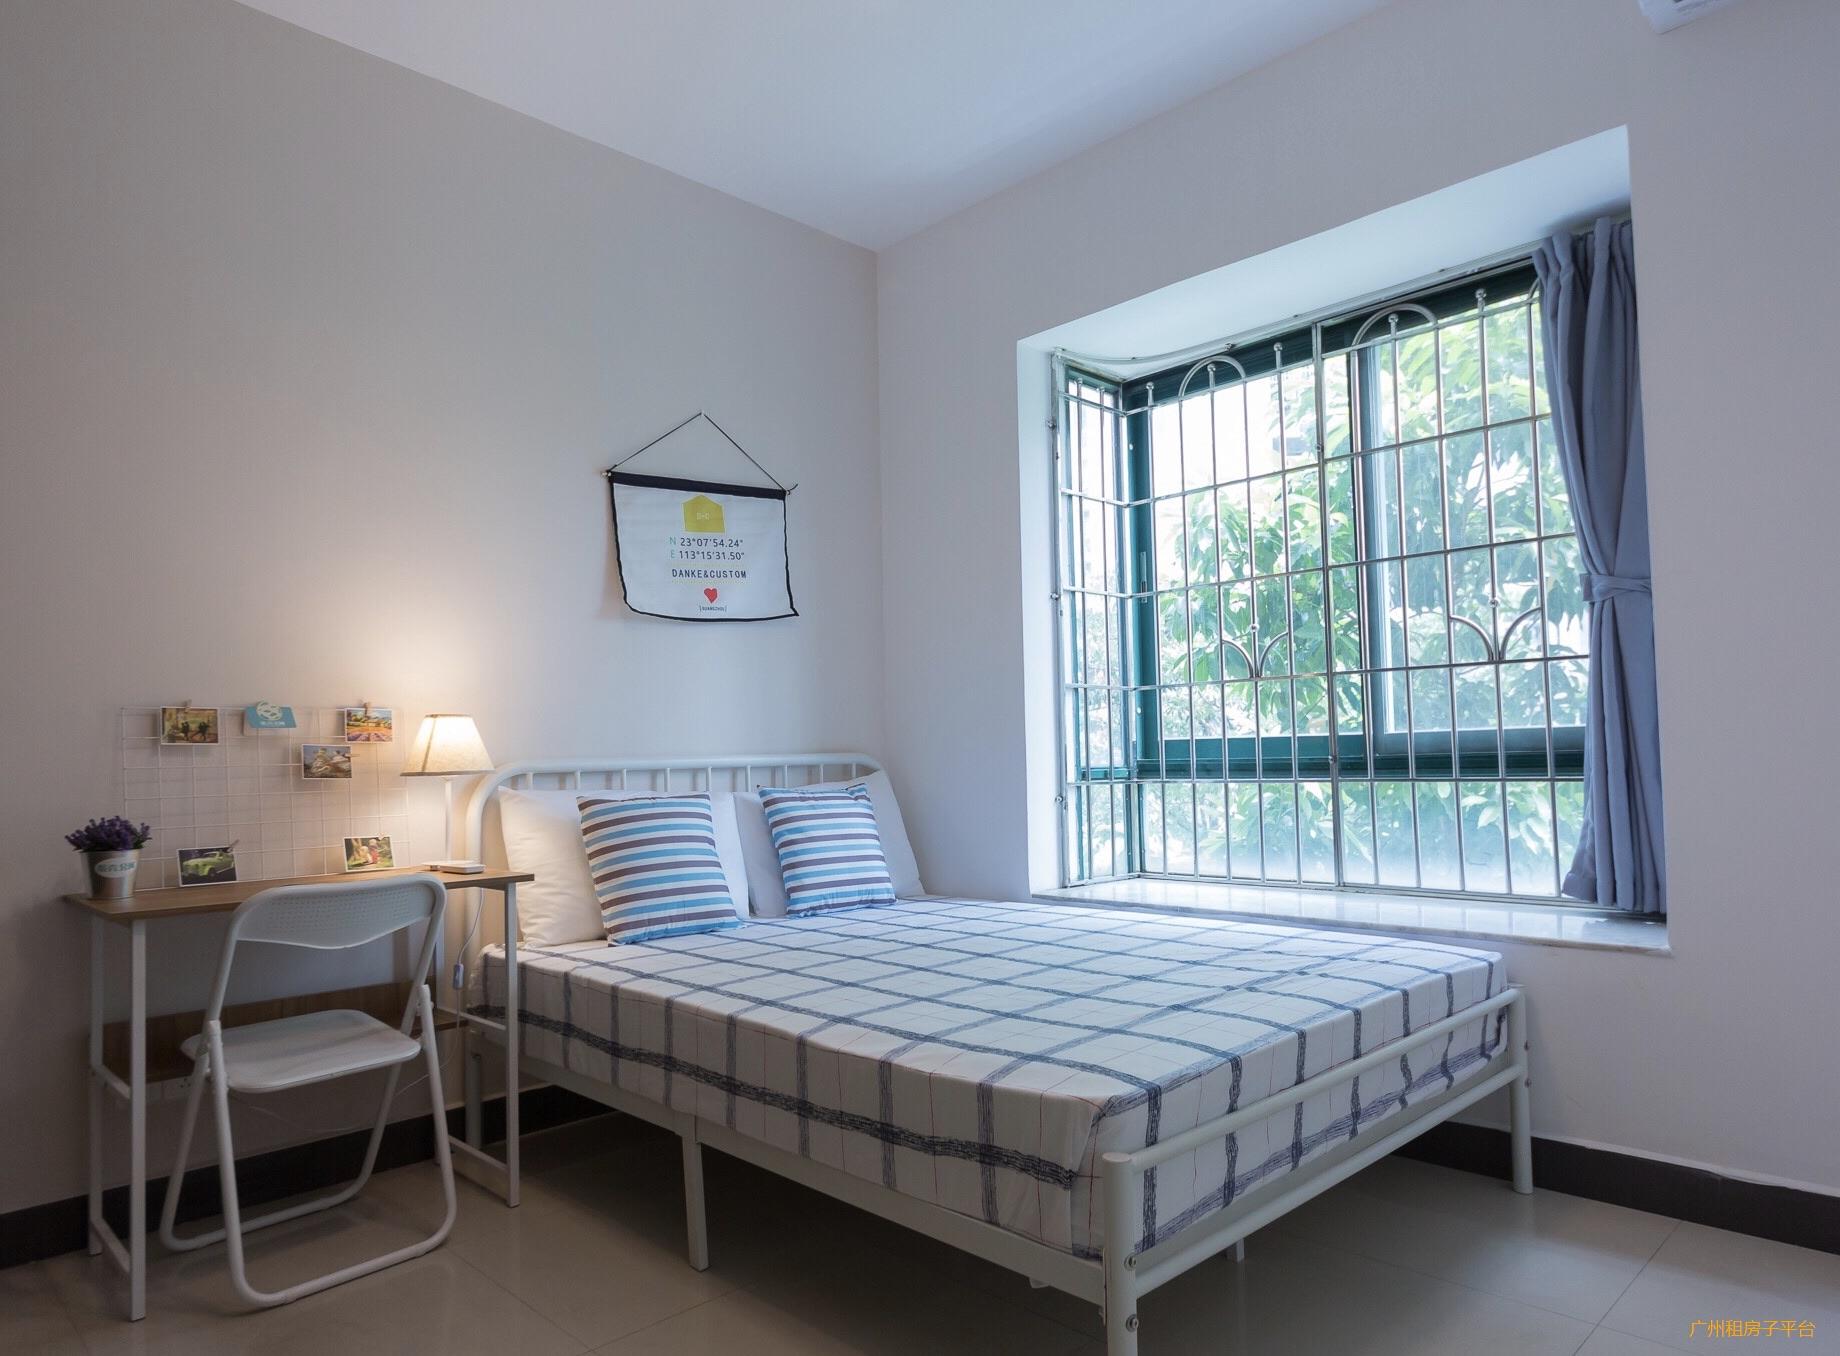 嘉禾望岗租房 视频看房 单间 复式 一房 两房 三房 交通方